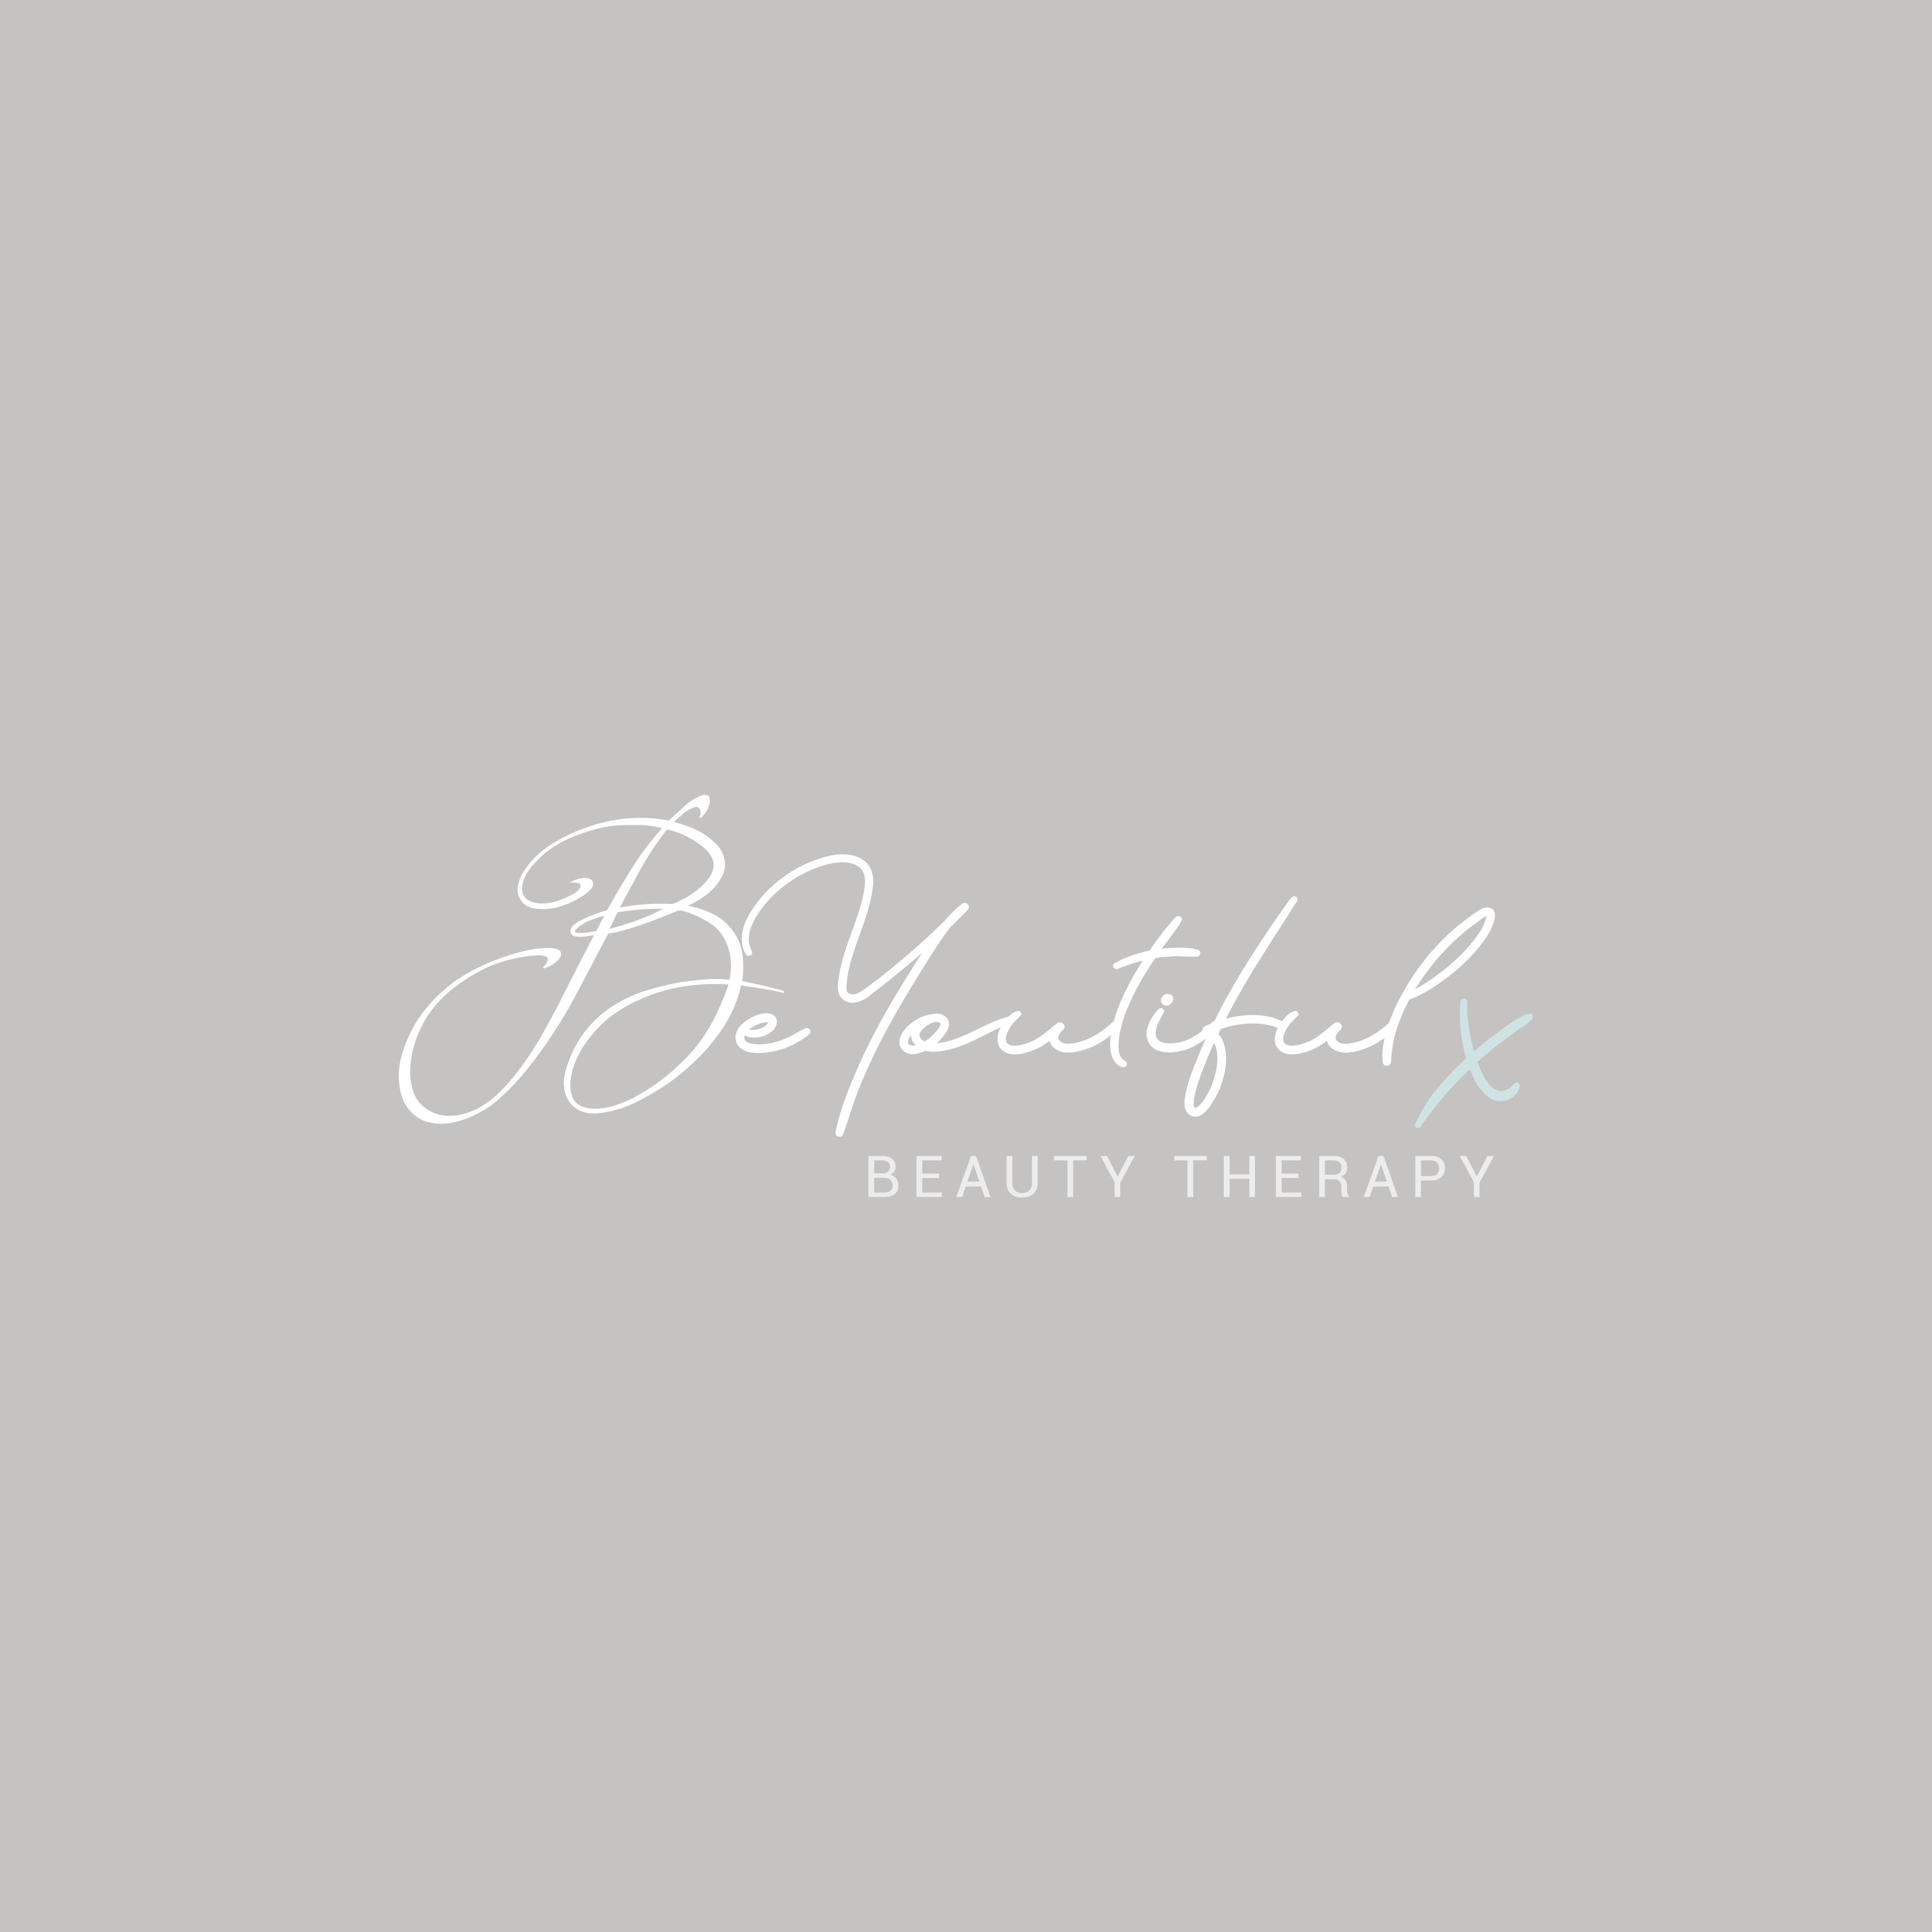 BeYoutiful Beauty Therapy